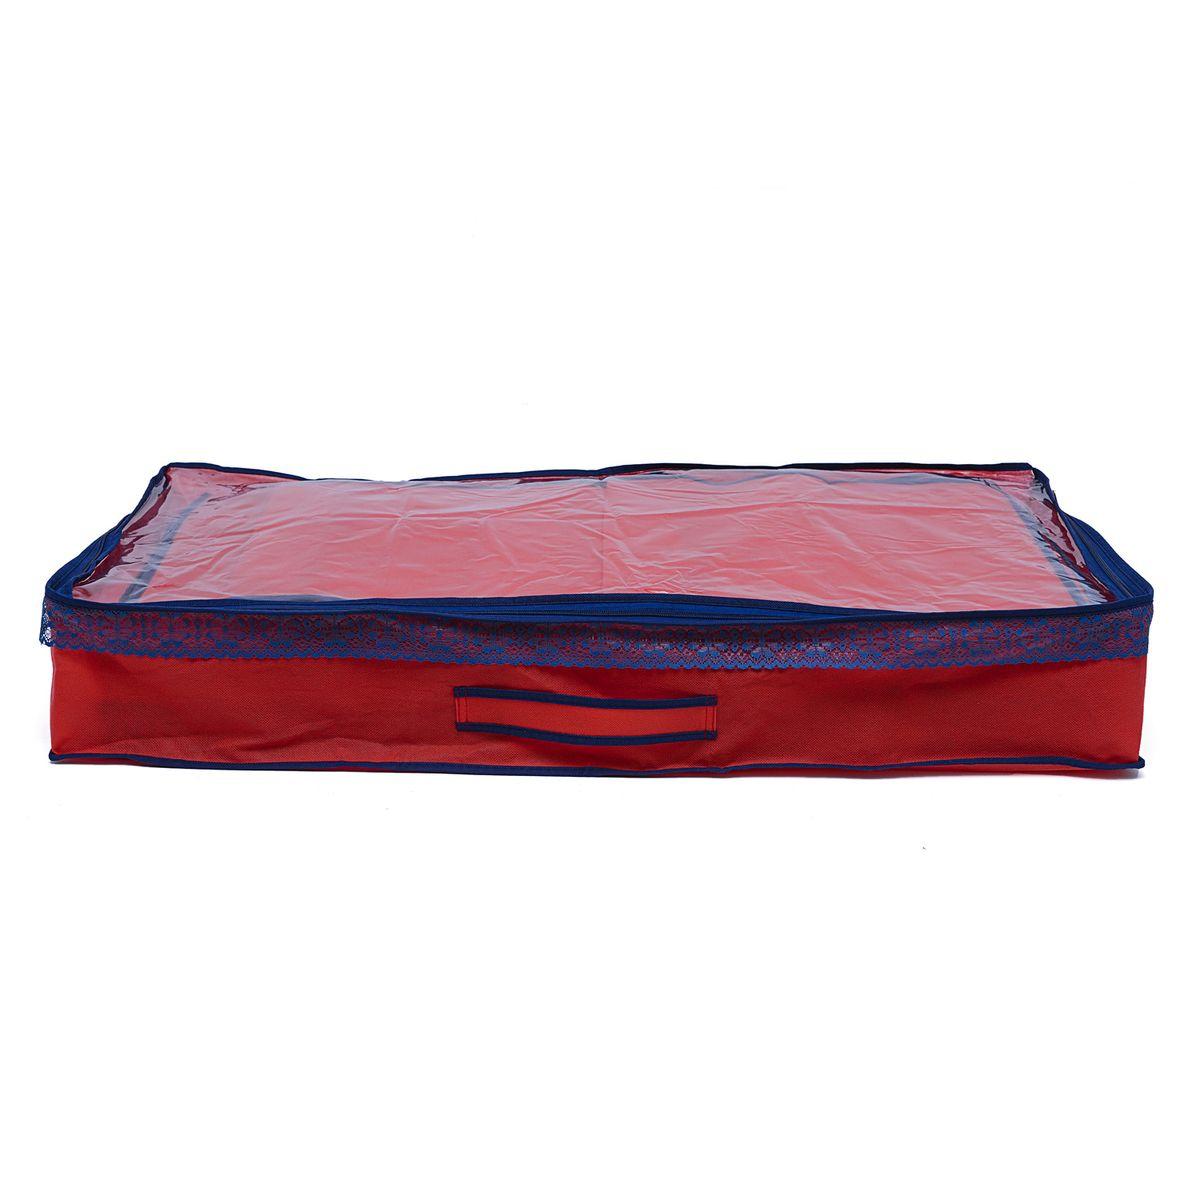 Чехол для одеял Homsu Rosso, 90 х 45 х 15 смHOM-323Очень удобный способ хранить одеяла и белье. Большой отсек размером 90 см на 45 см и высотой 12 см. Органайзер плоский, удобно хранить под кроватью или диваном. Фактический цвет может отличаться от заявленного.